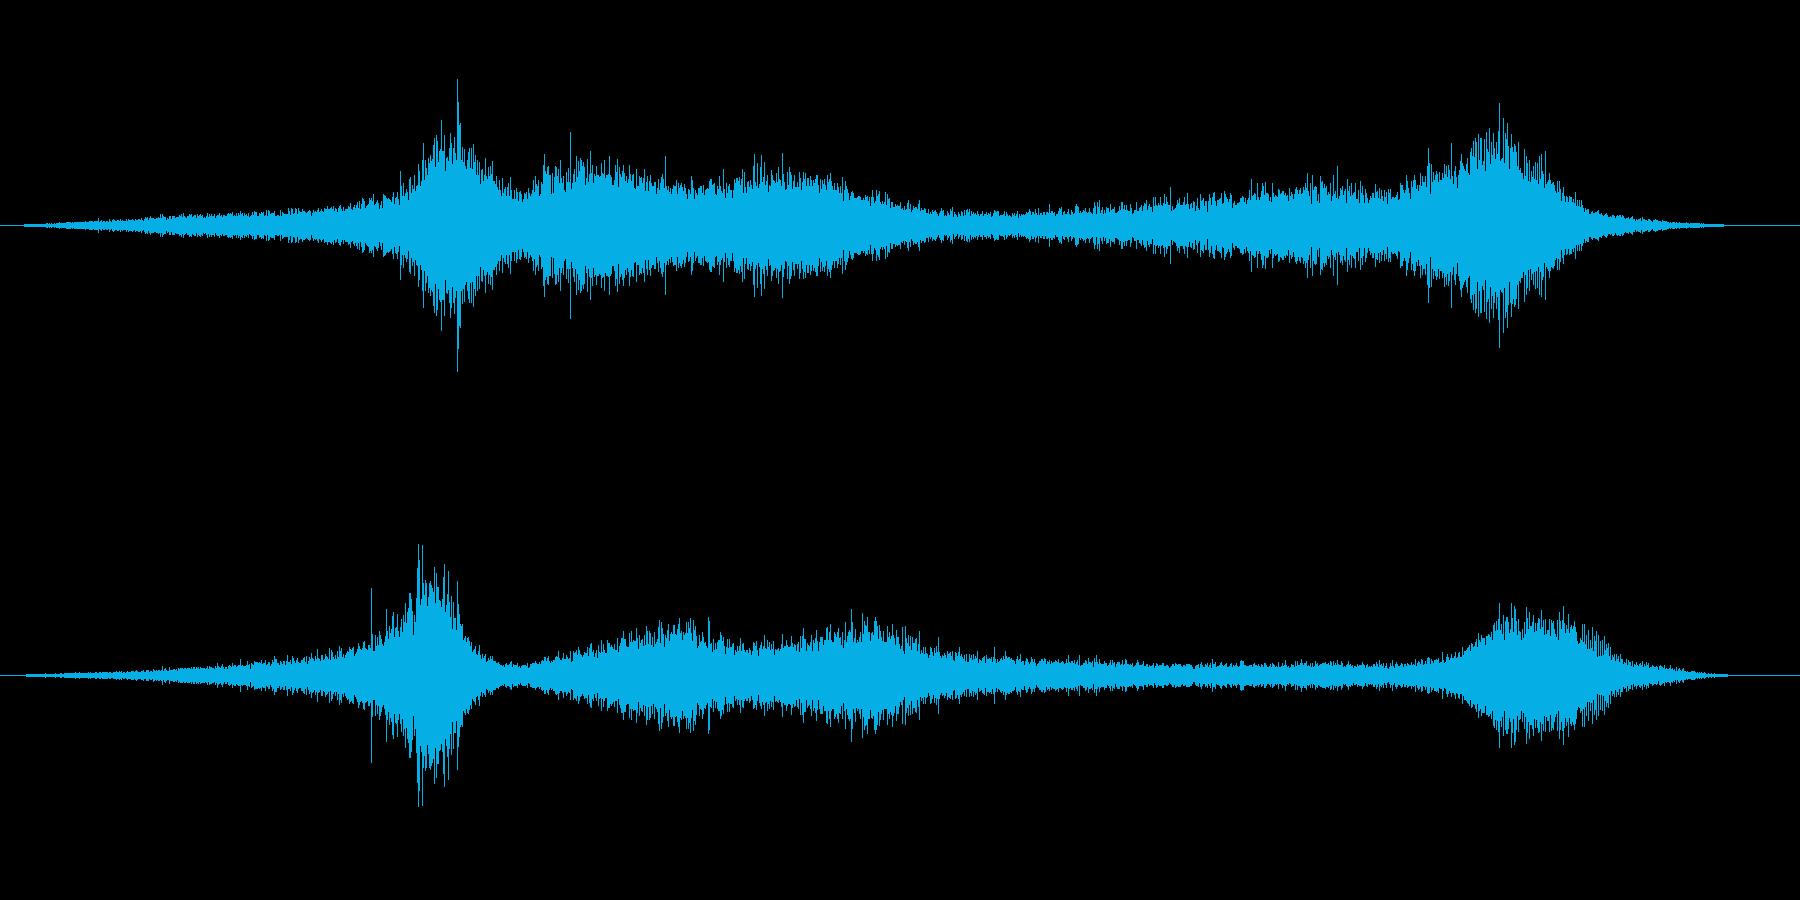 【生録音】 早朝の街 交通 環境音 17の再生済みの波形